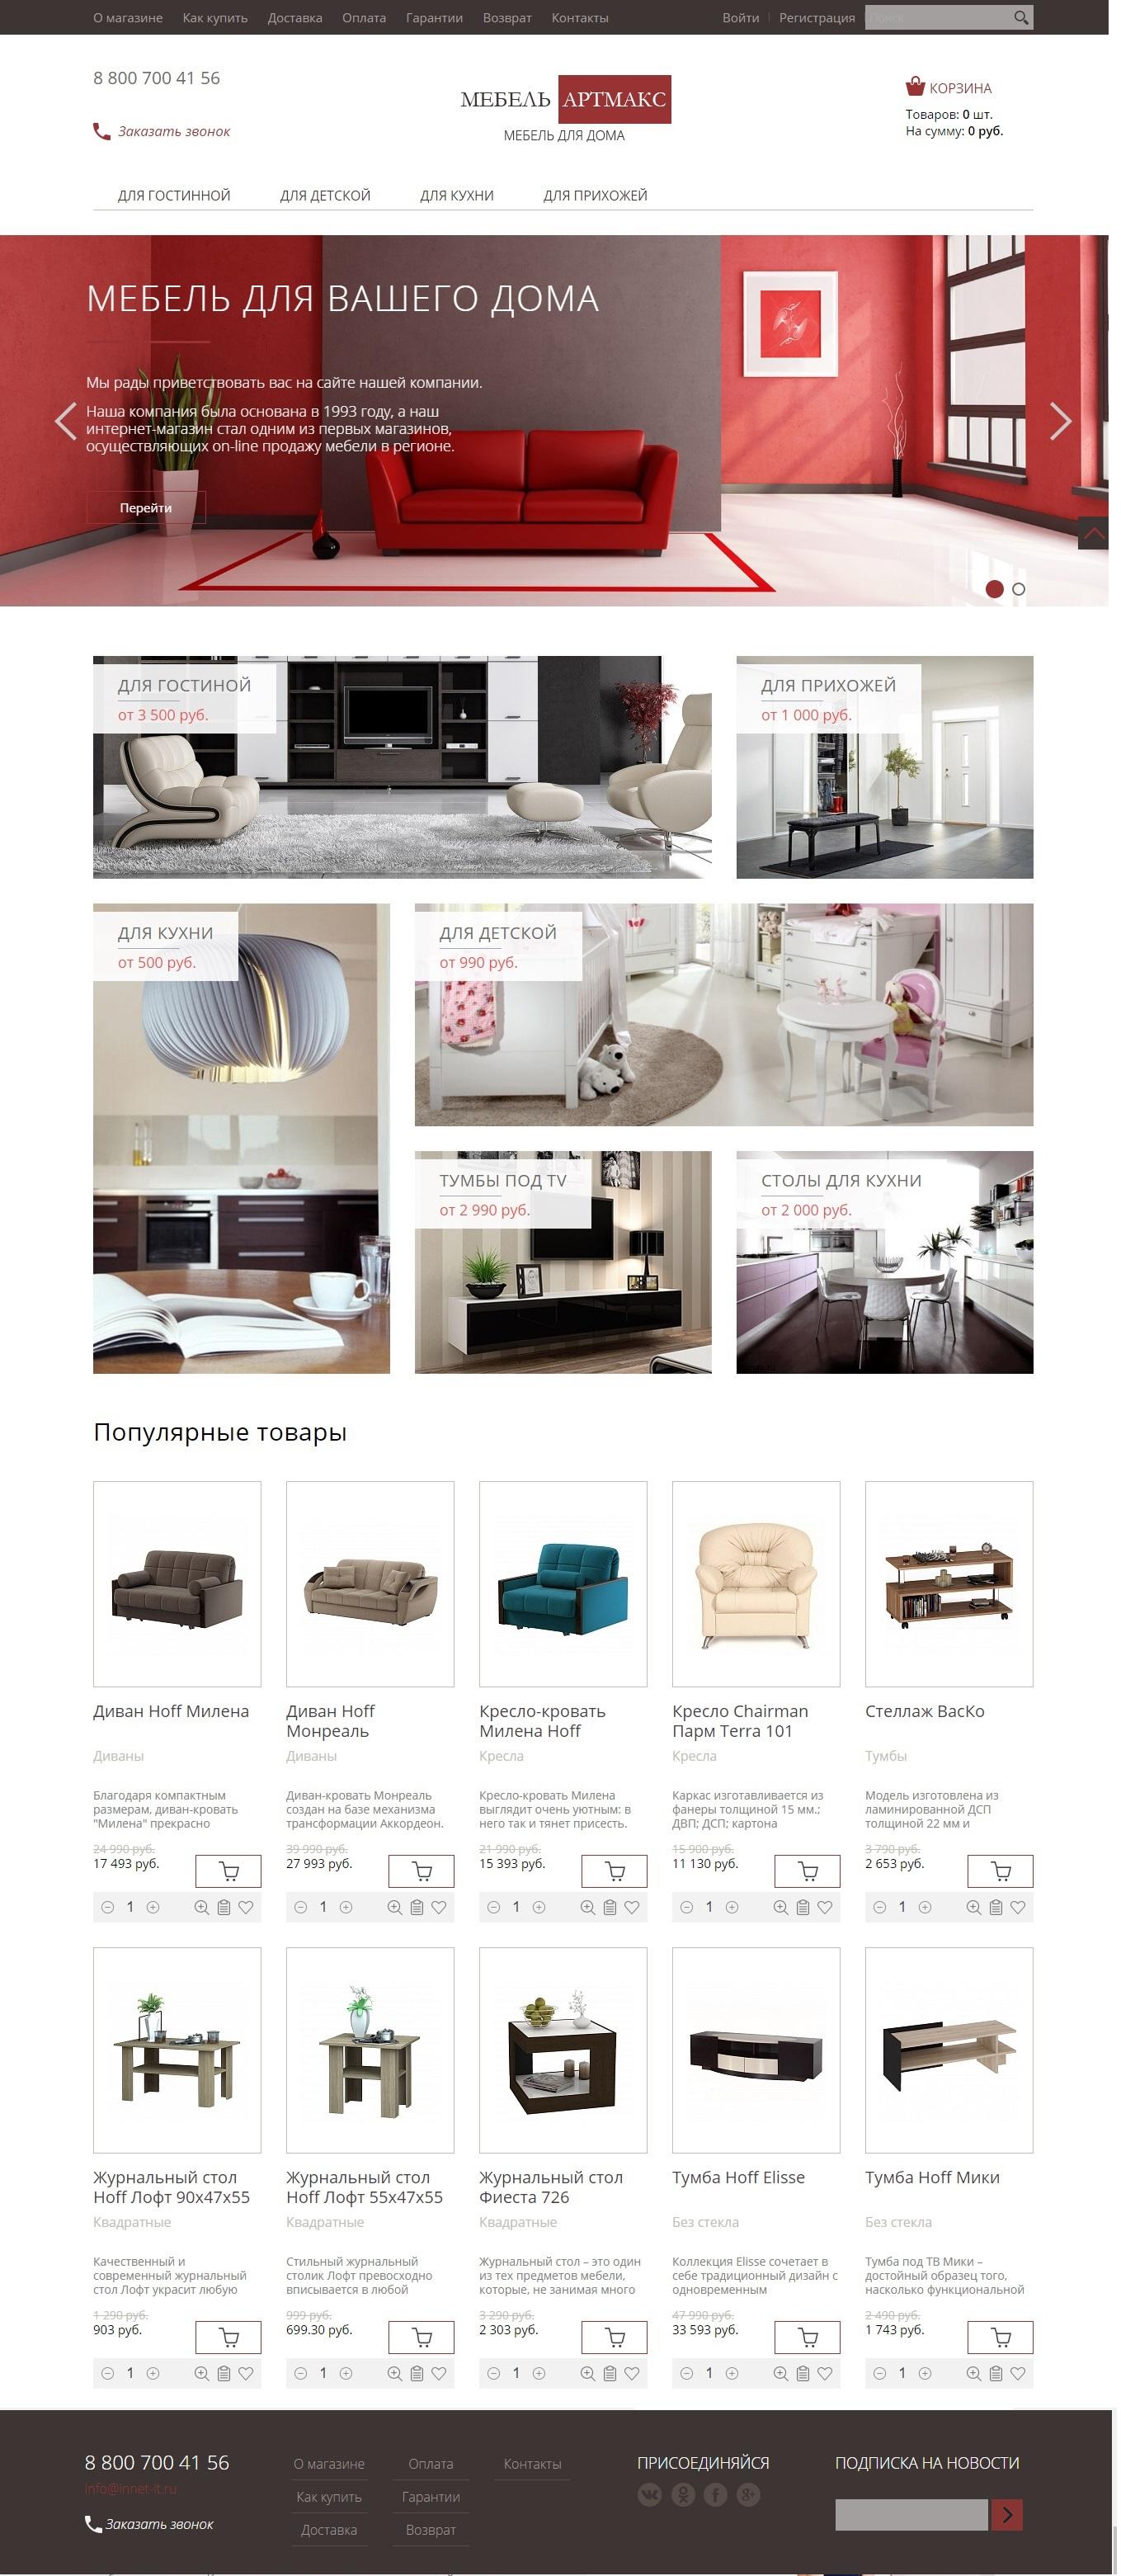 Готовый интернет-магазин мебели - 50800 руб.